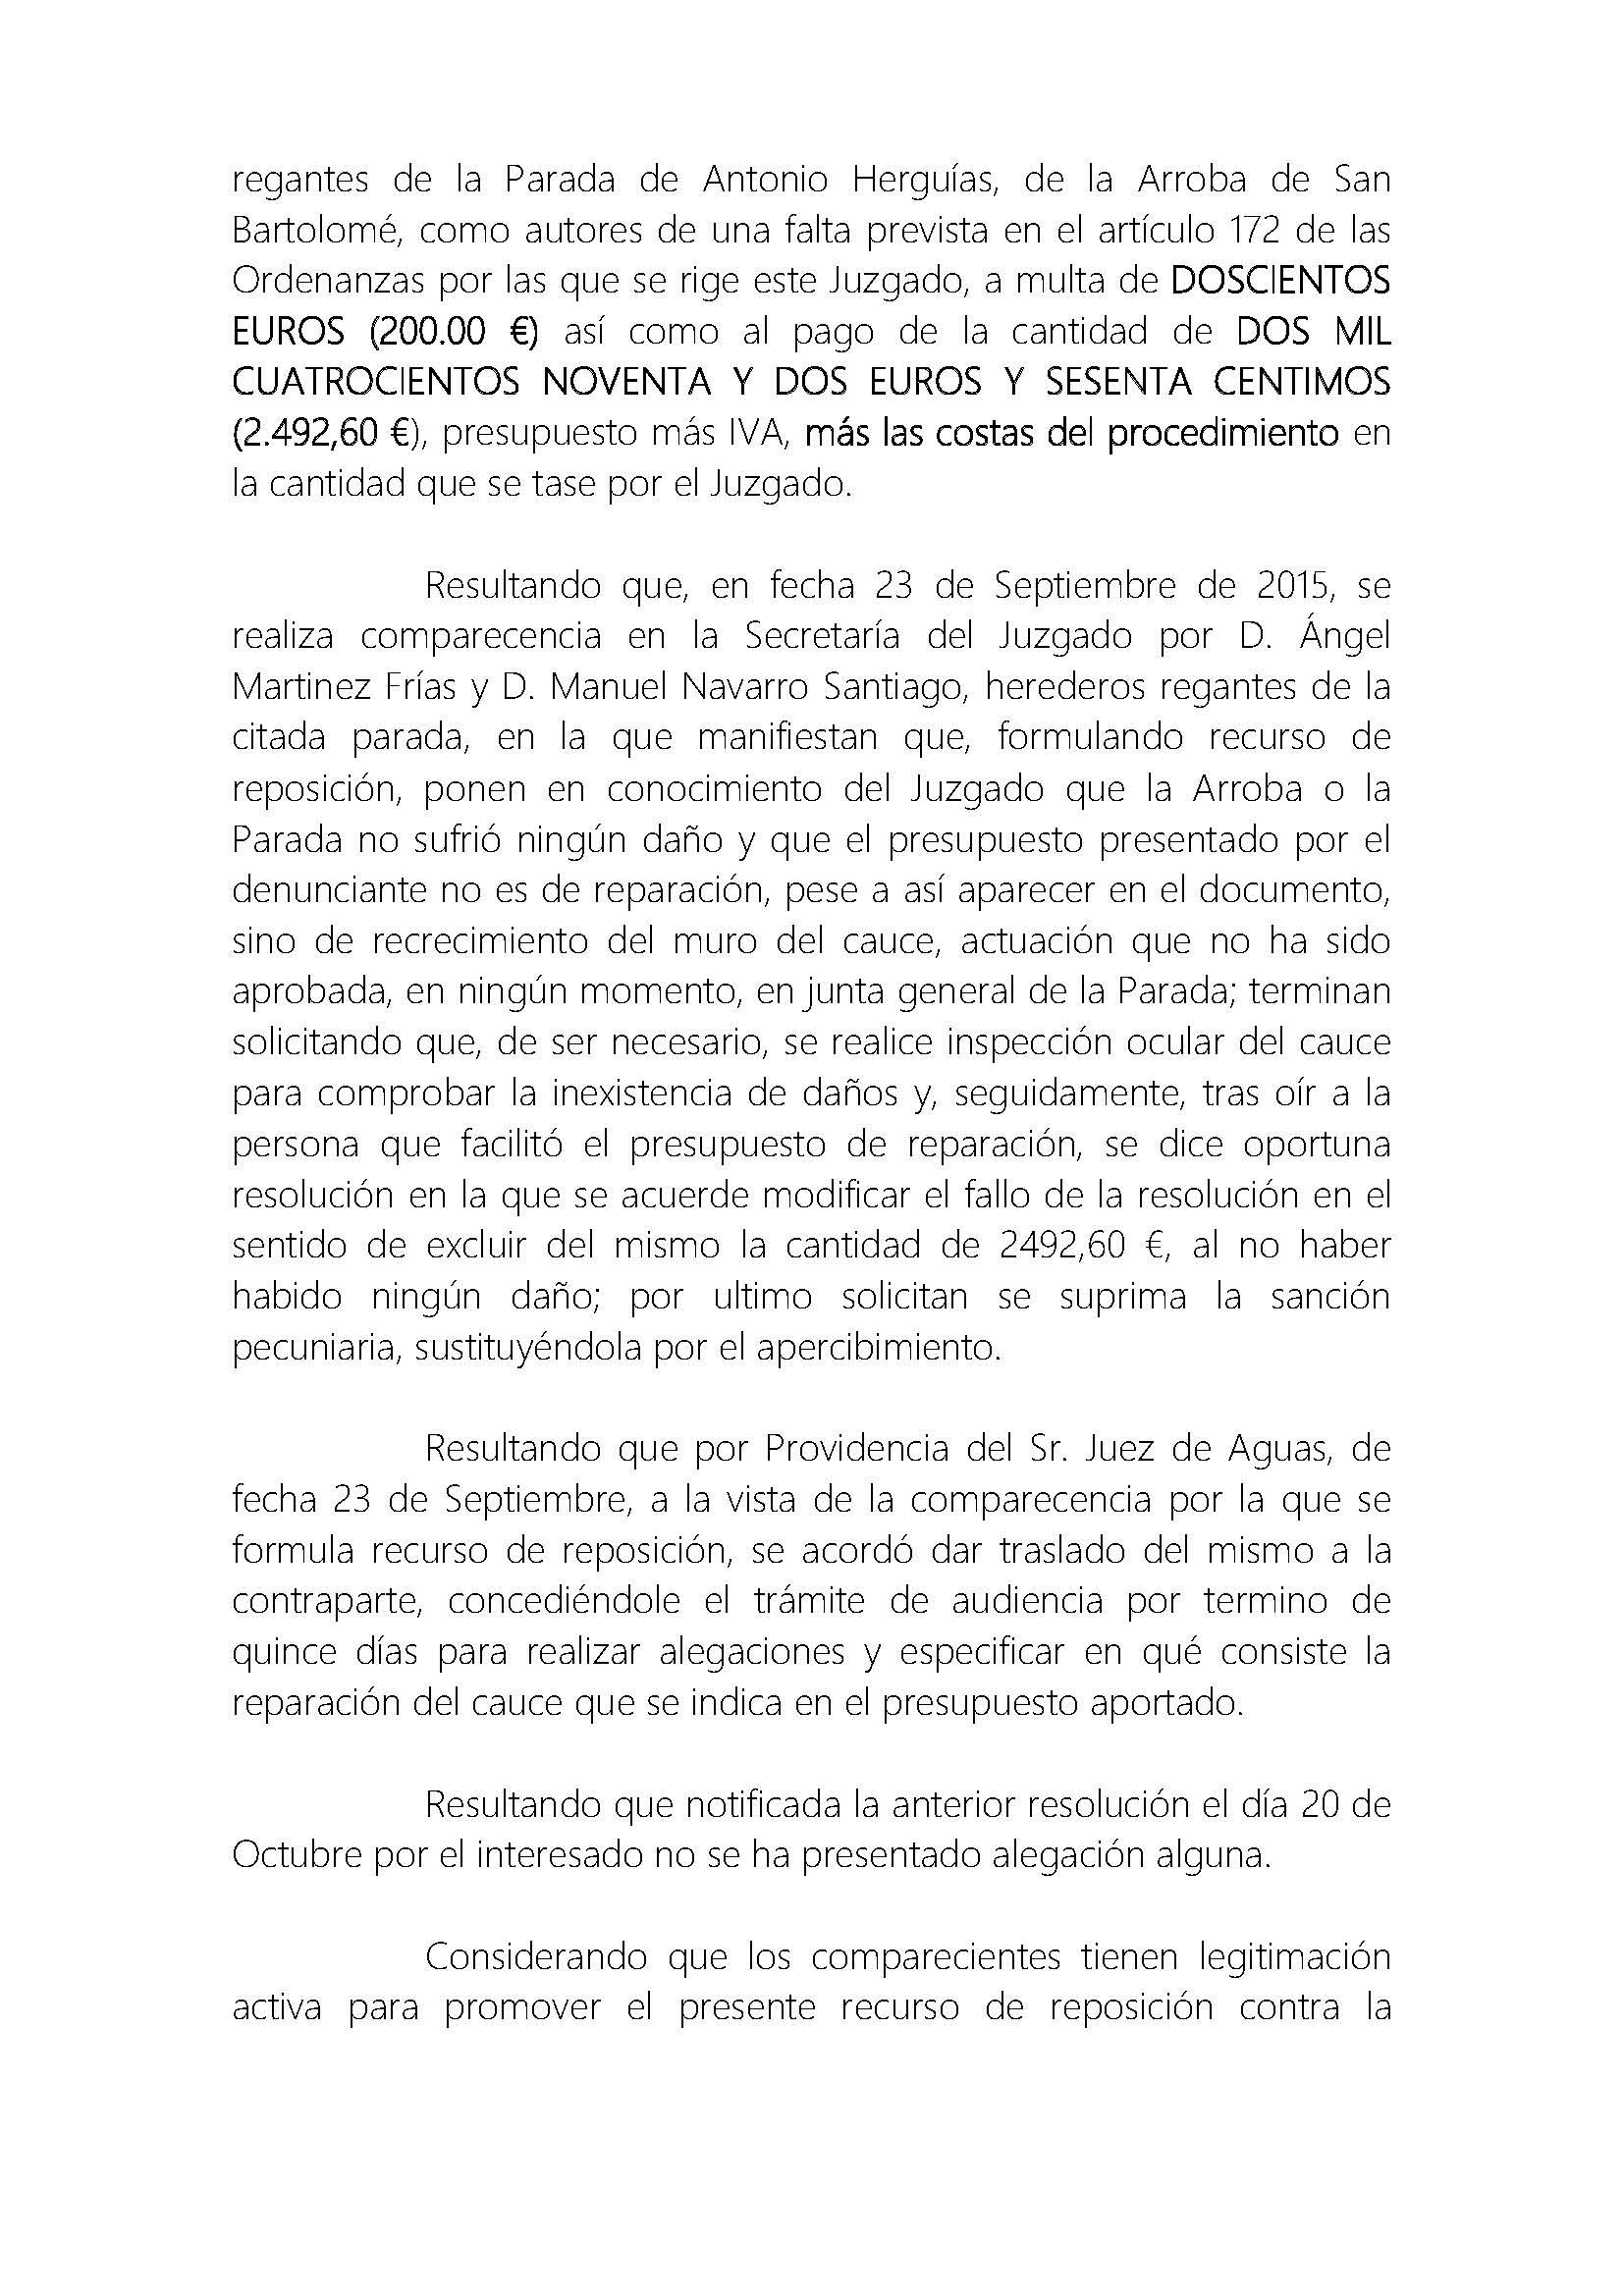 90 2015 arroba de san bartolome. estimacion recurso de reposicion_Página_2